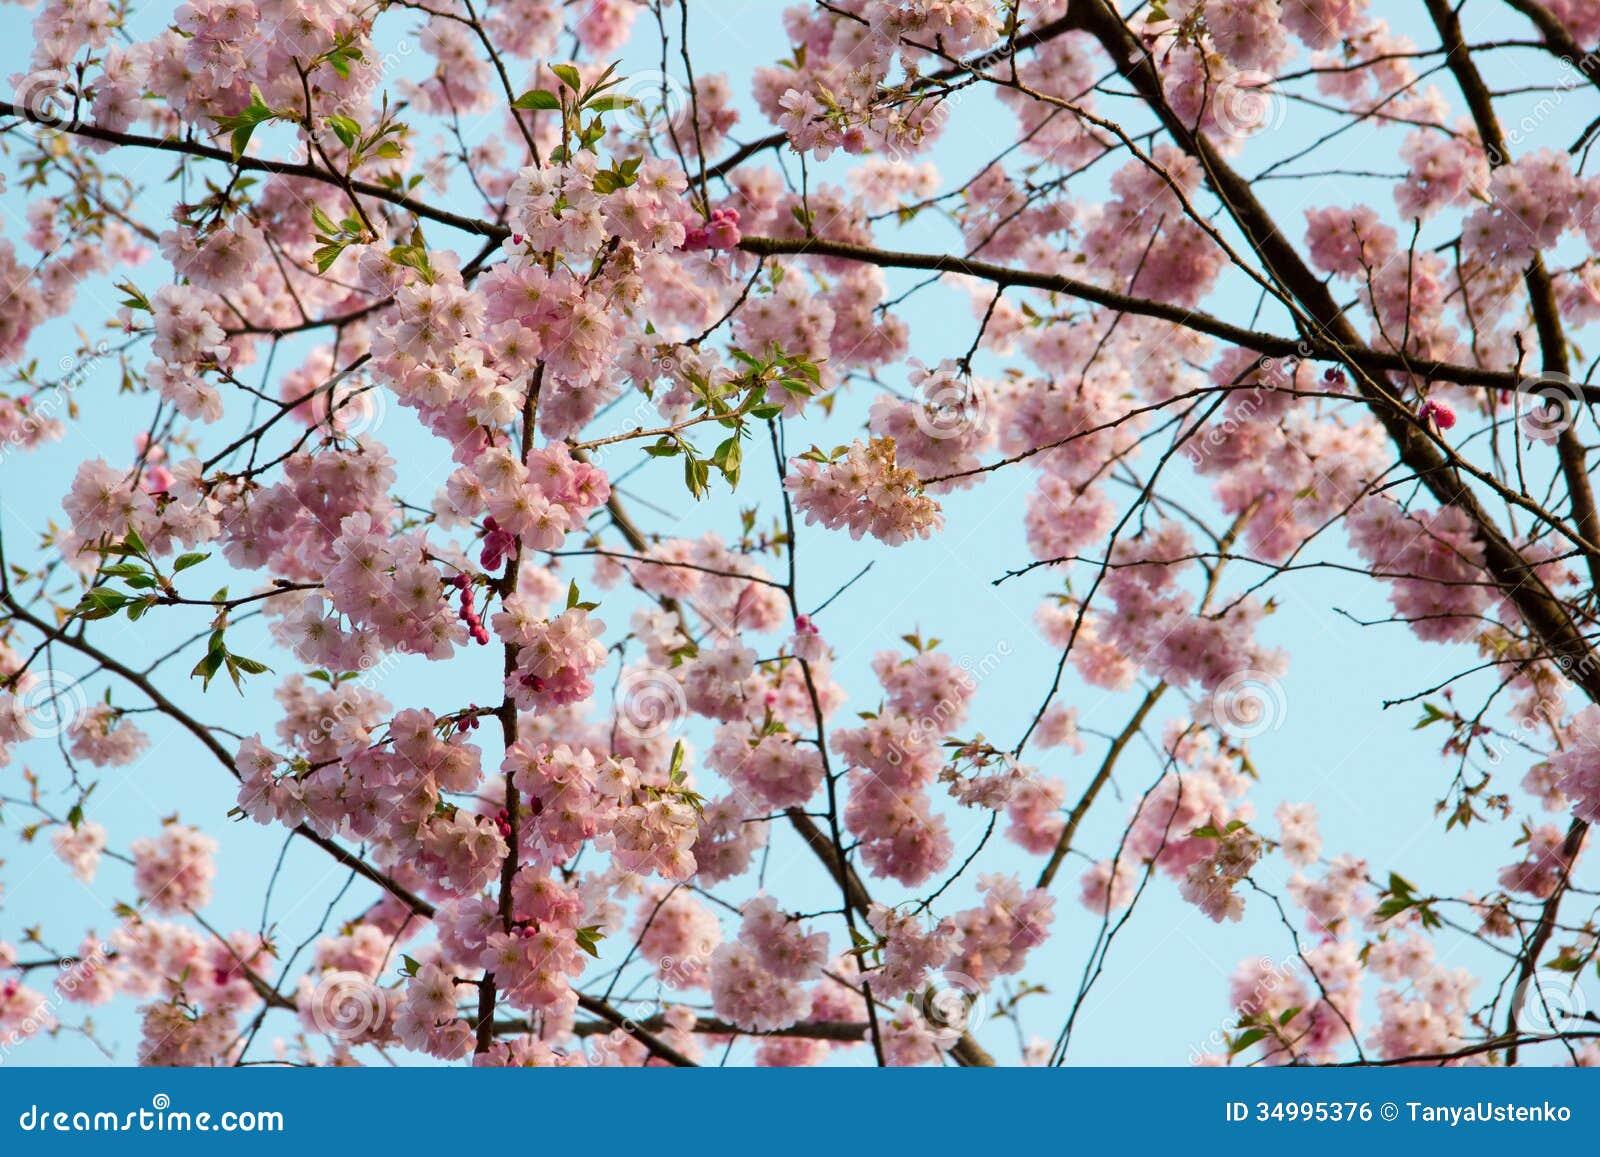 arbre de floraison au printemps avec les fleurs roses image libre de droits image 34995376. Black Bedroom Furniture Sets. Home Design Ideas